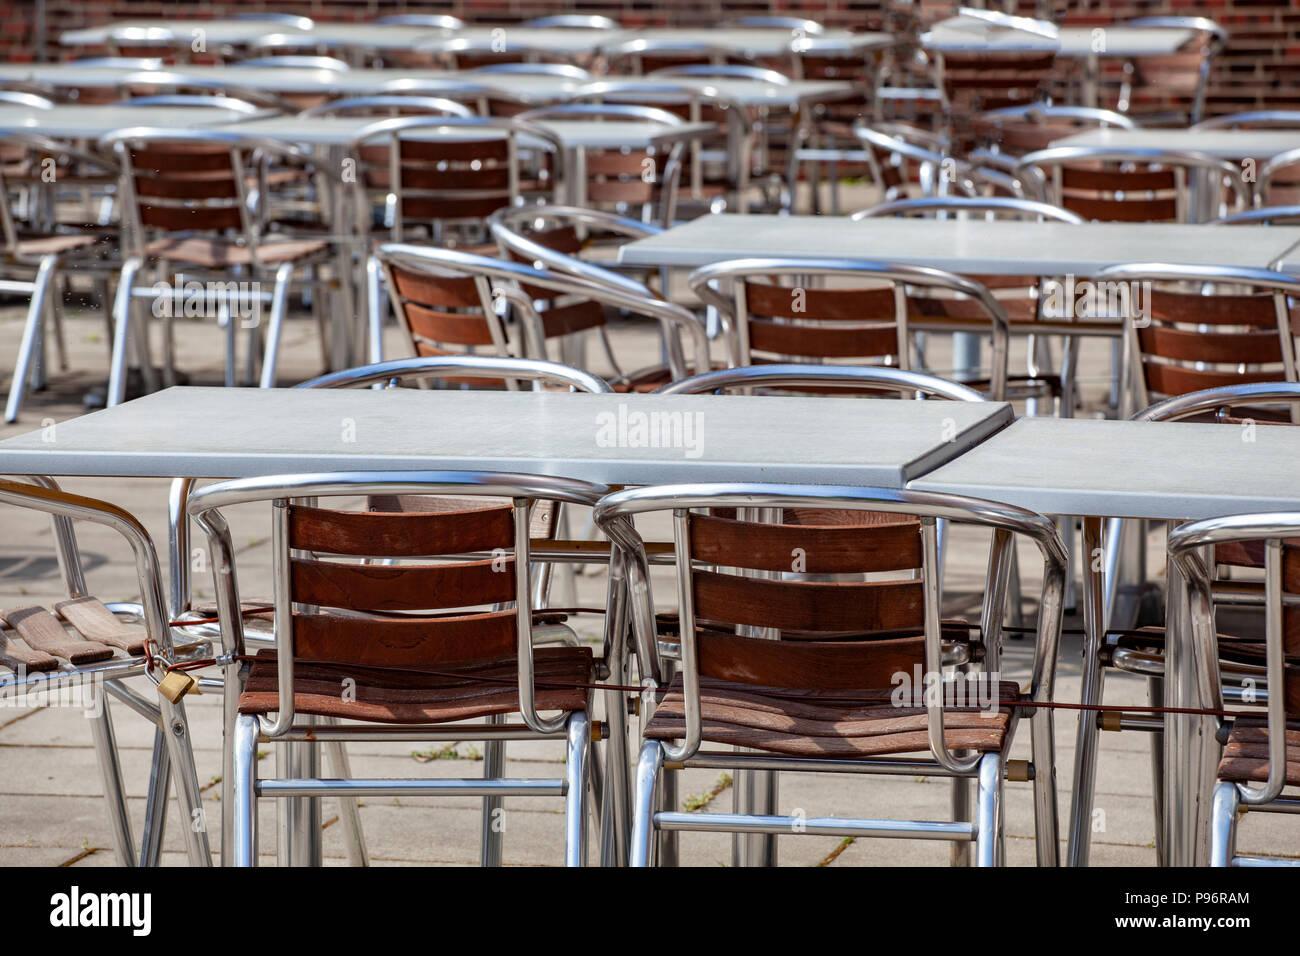 Leere Tische und Stühle in einem Restaurant Stockbild